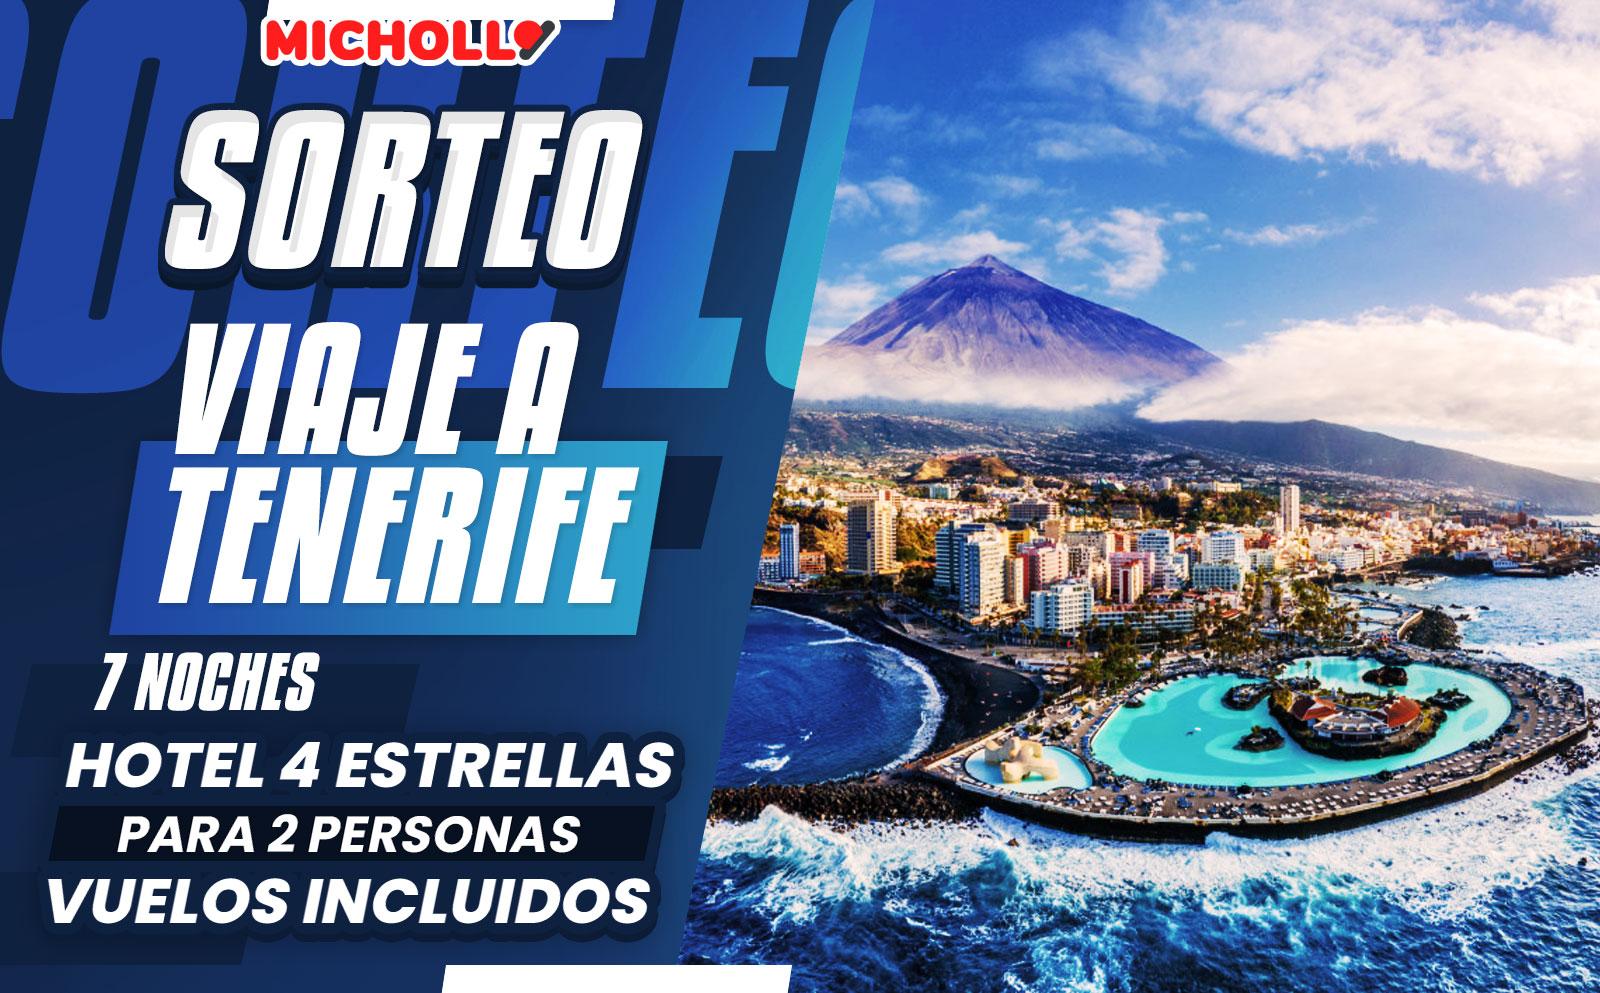 Sorteo Vacaciones Tenerife 2 personas: 7 noches hotel 4 estrellas (vuelos incluidos)